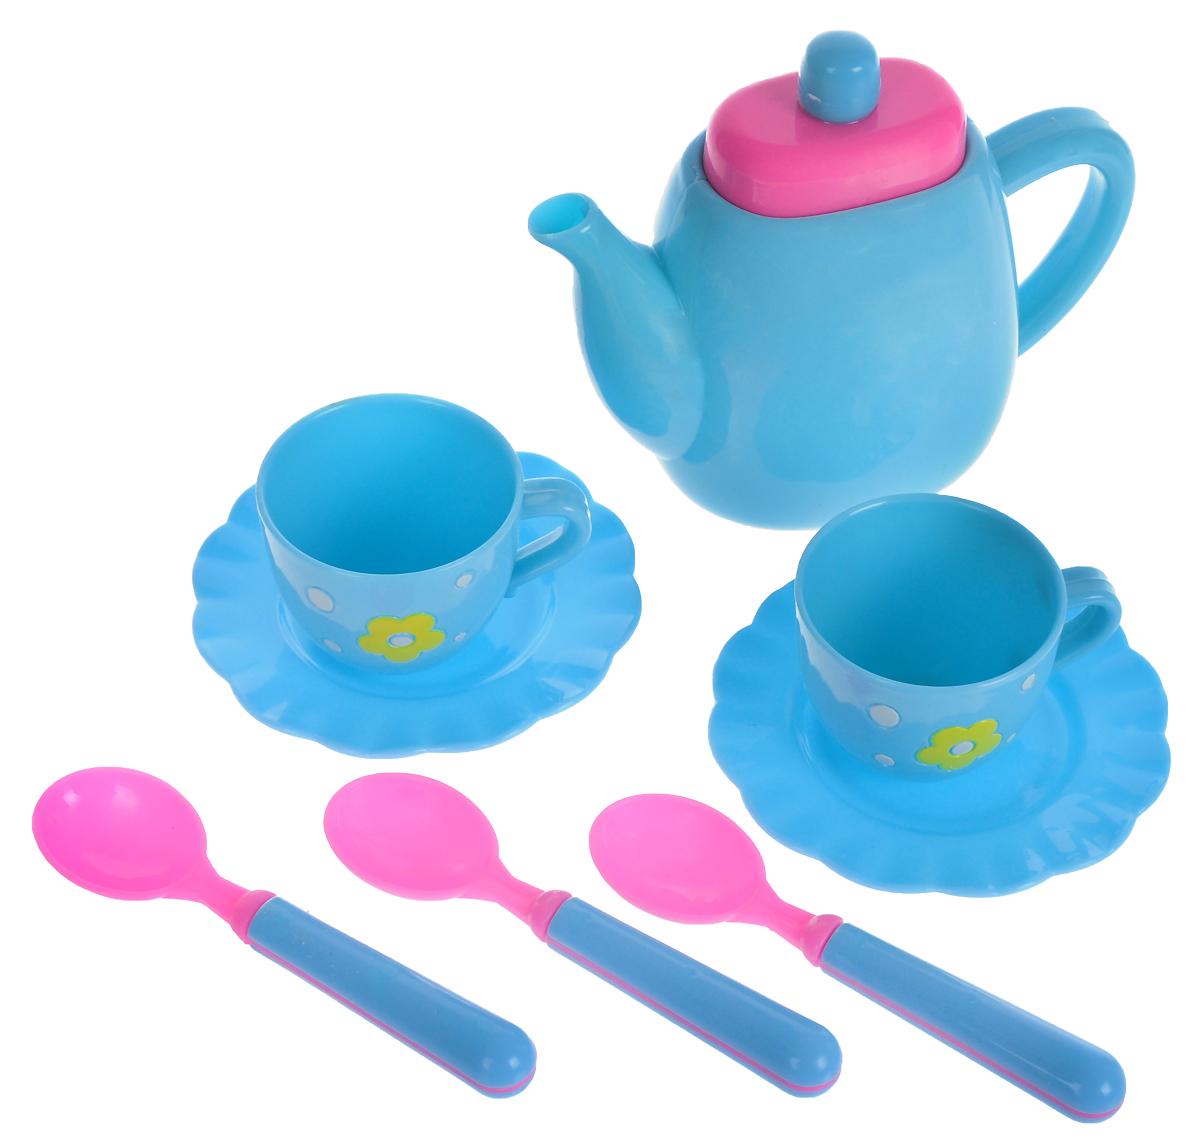 Ami&Co Игровой набор Чайная посуда 50331 игрушечная посуда veld co игрушечная посуда